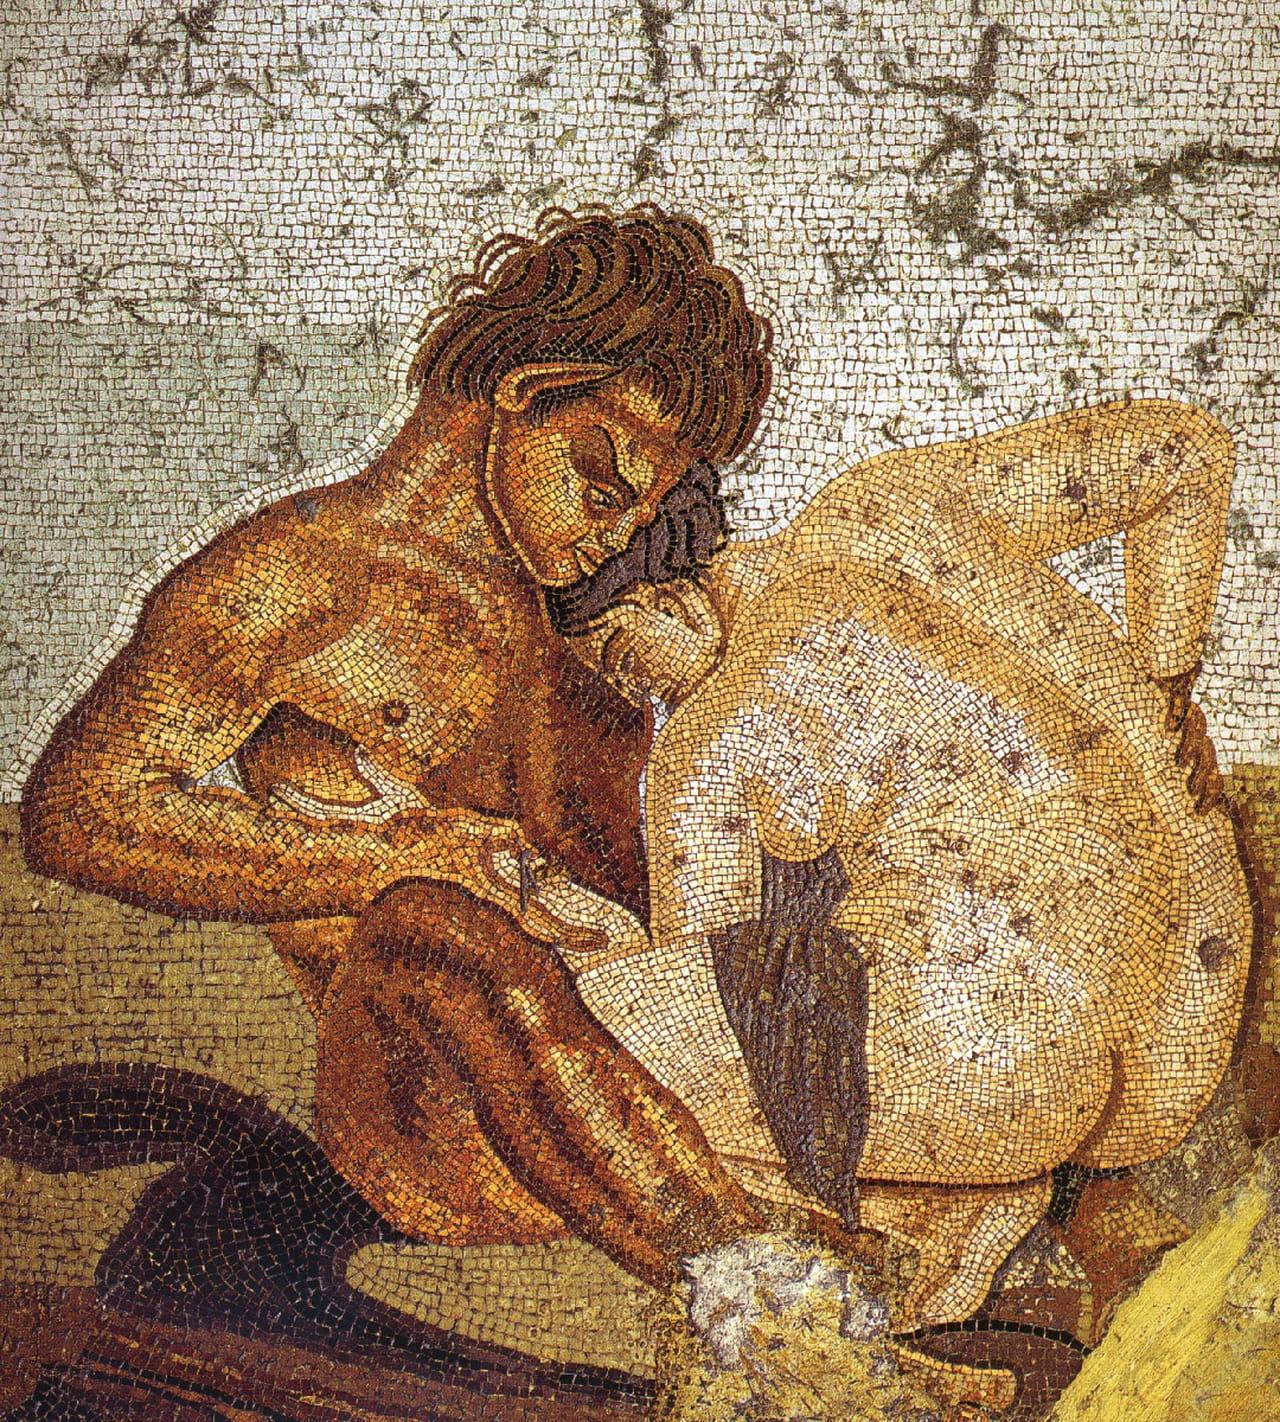 giochi erotici cibo badoo sign in